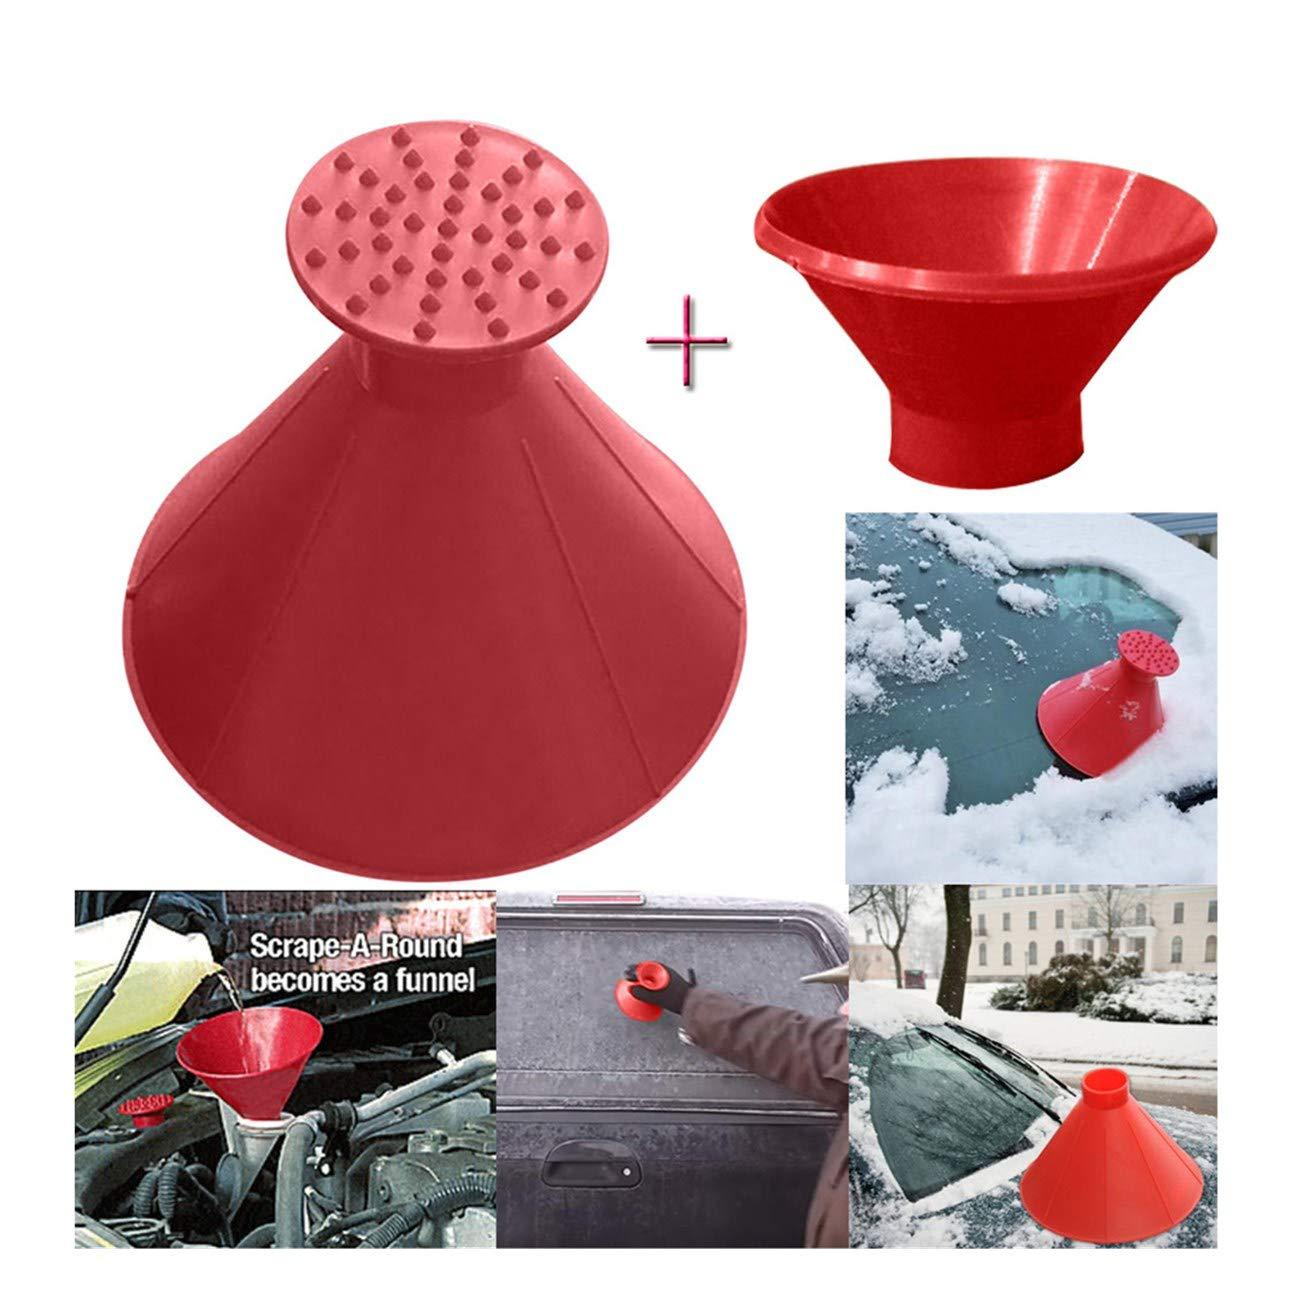 Magic Car Scrape A Round Ice Scraper for Car Cone-Shaped Windshield Bulk Ice Scraper Car Snow Removal Shovel Tool (14.5cm, Red)